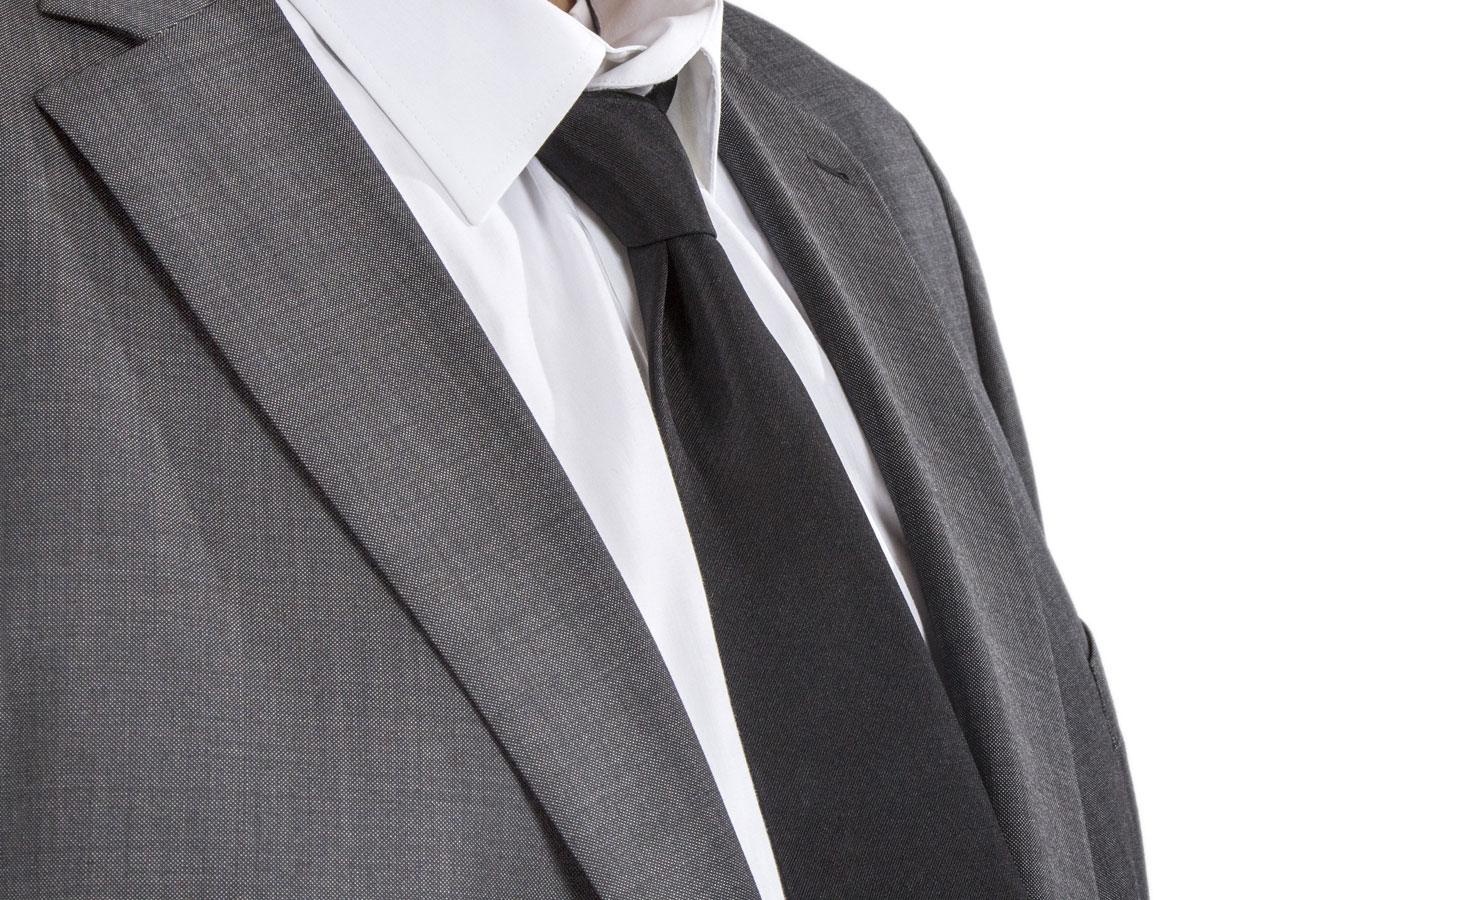 Klädsel vid begravning Så här väljer du RÄTT kläder till